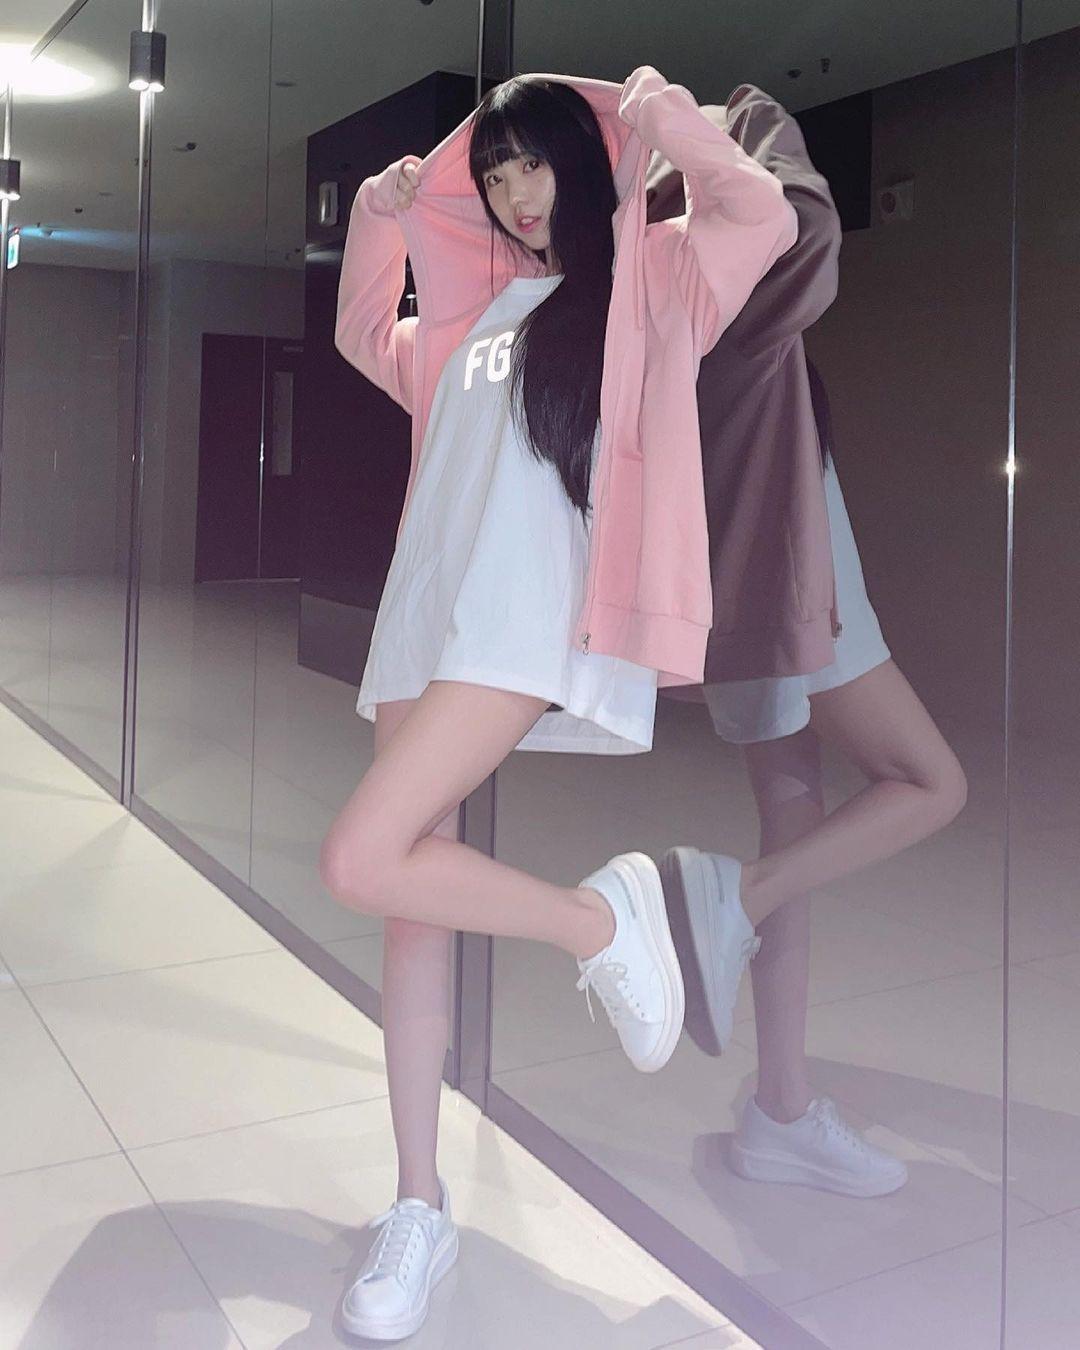 清新可爱的「软萌系美女」赵兔兔,性感旗袍小露,粉丝看到受不了. 养眼图片 第24张